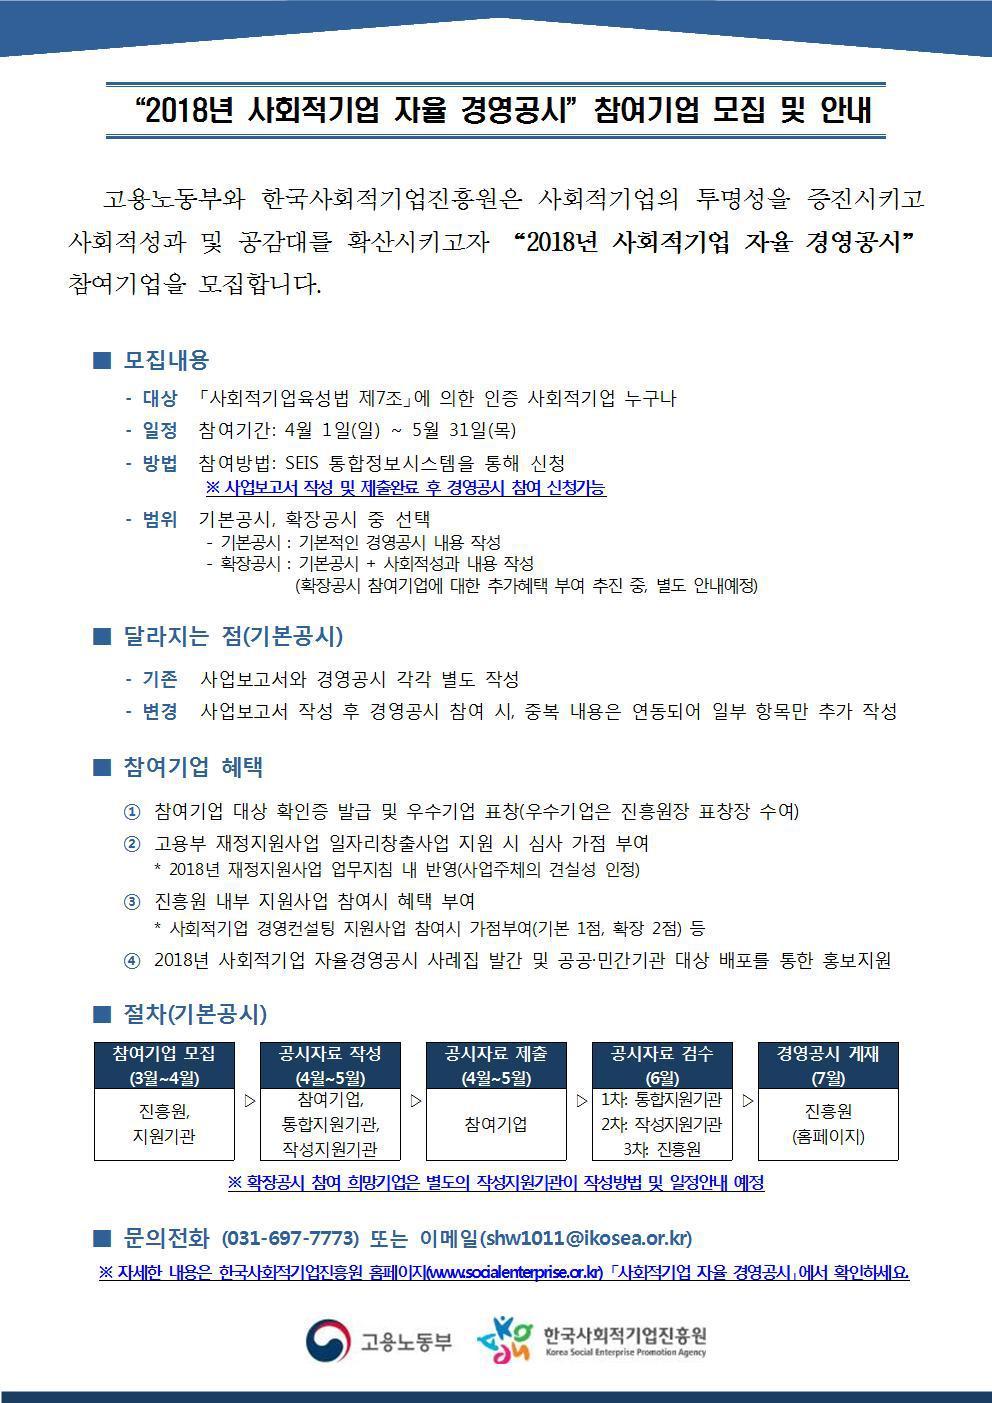 [안내] 2018년 사회적기업 자율경영공시 참여기업 모집